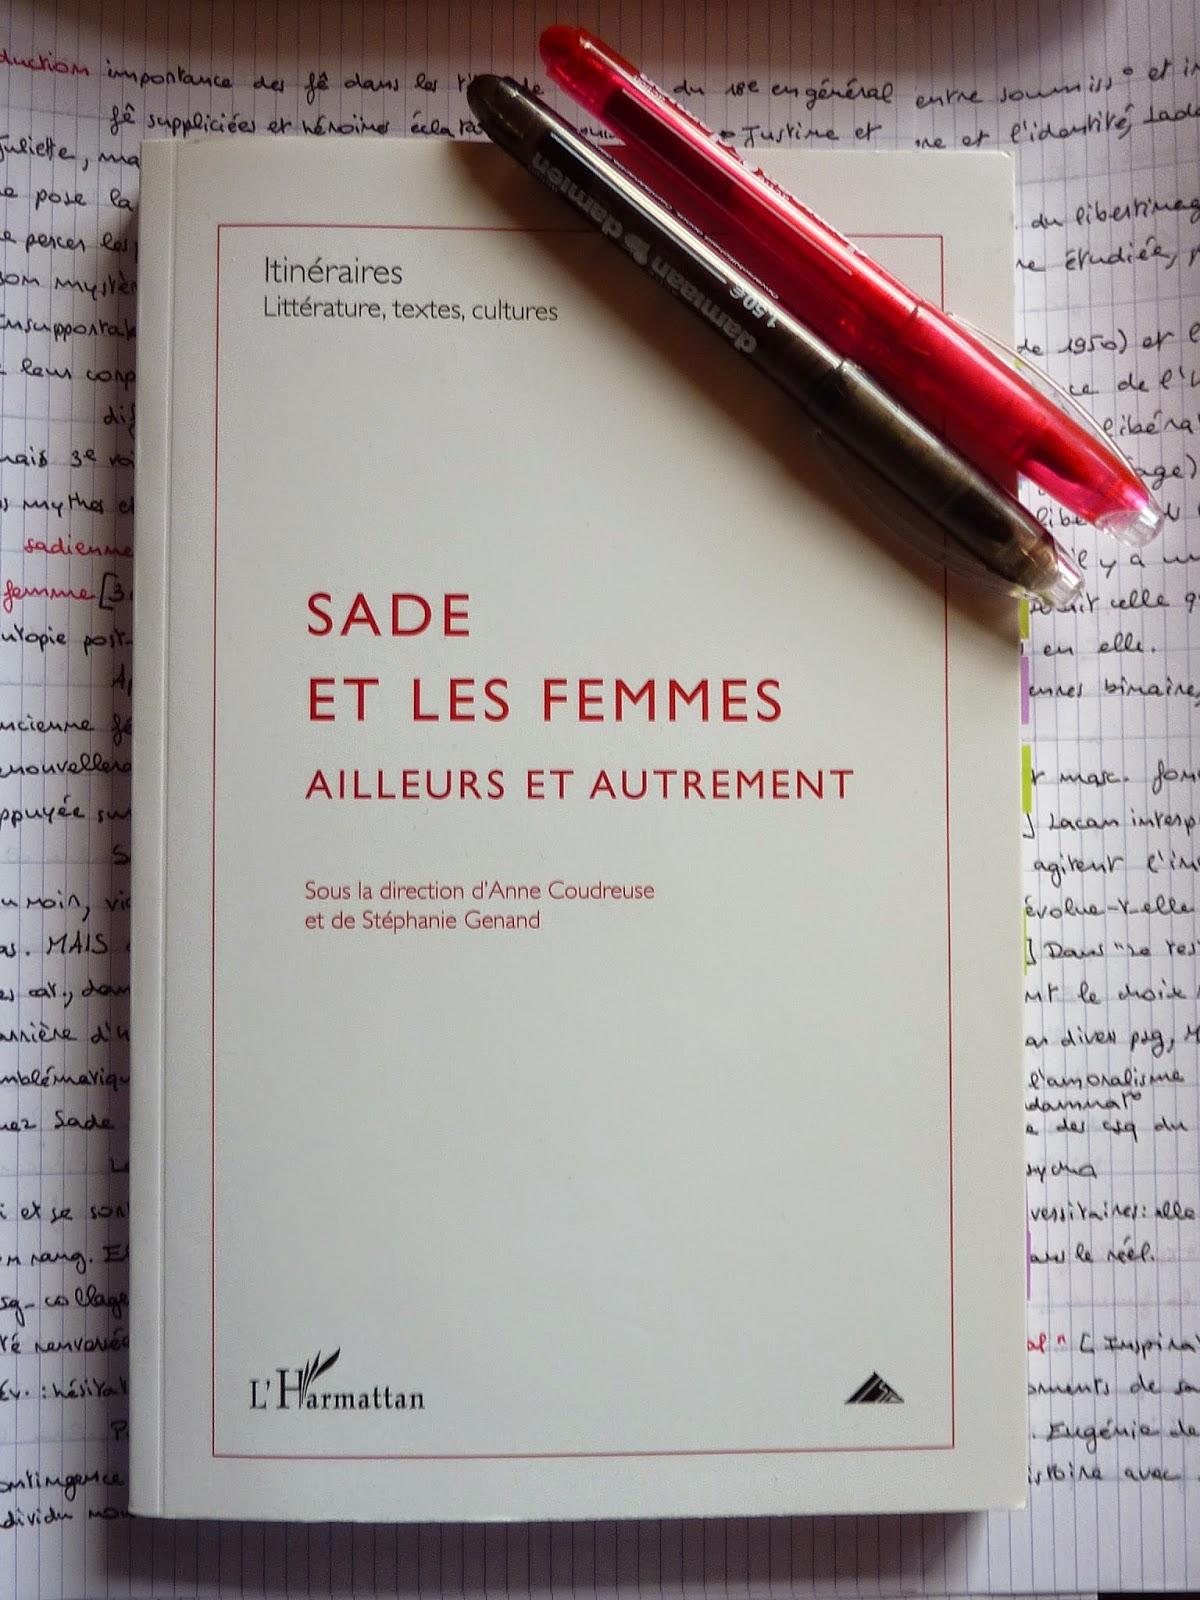 Sade et les femmes - Itinéraires